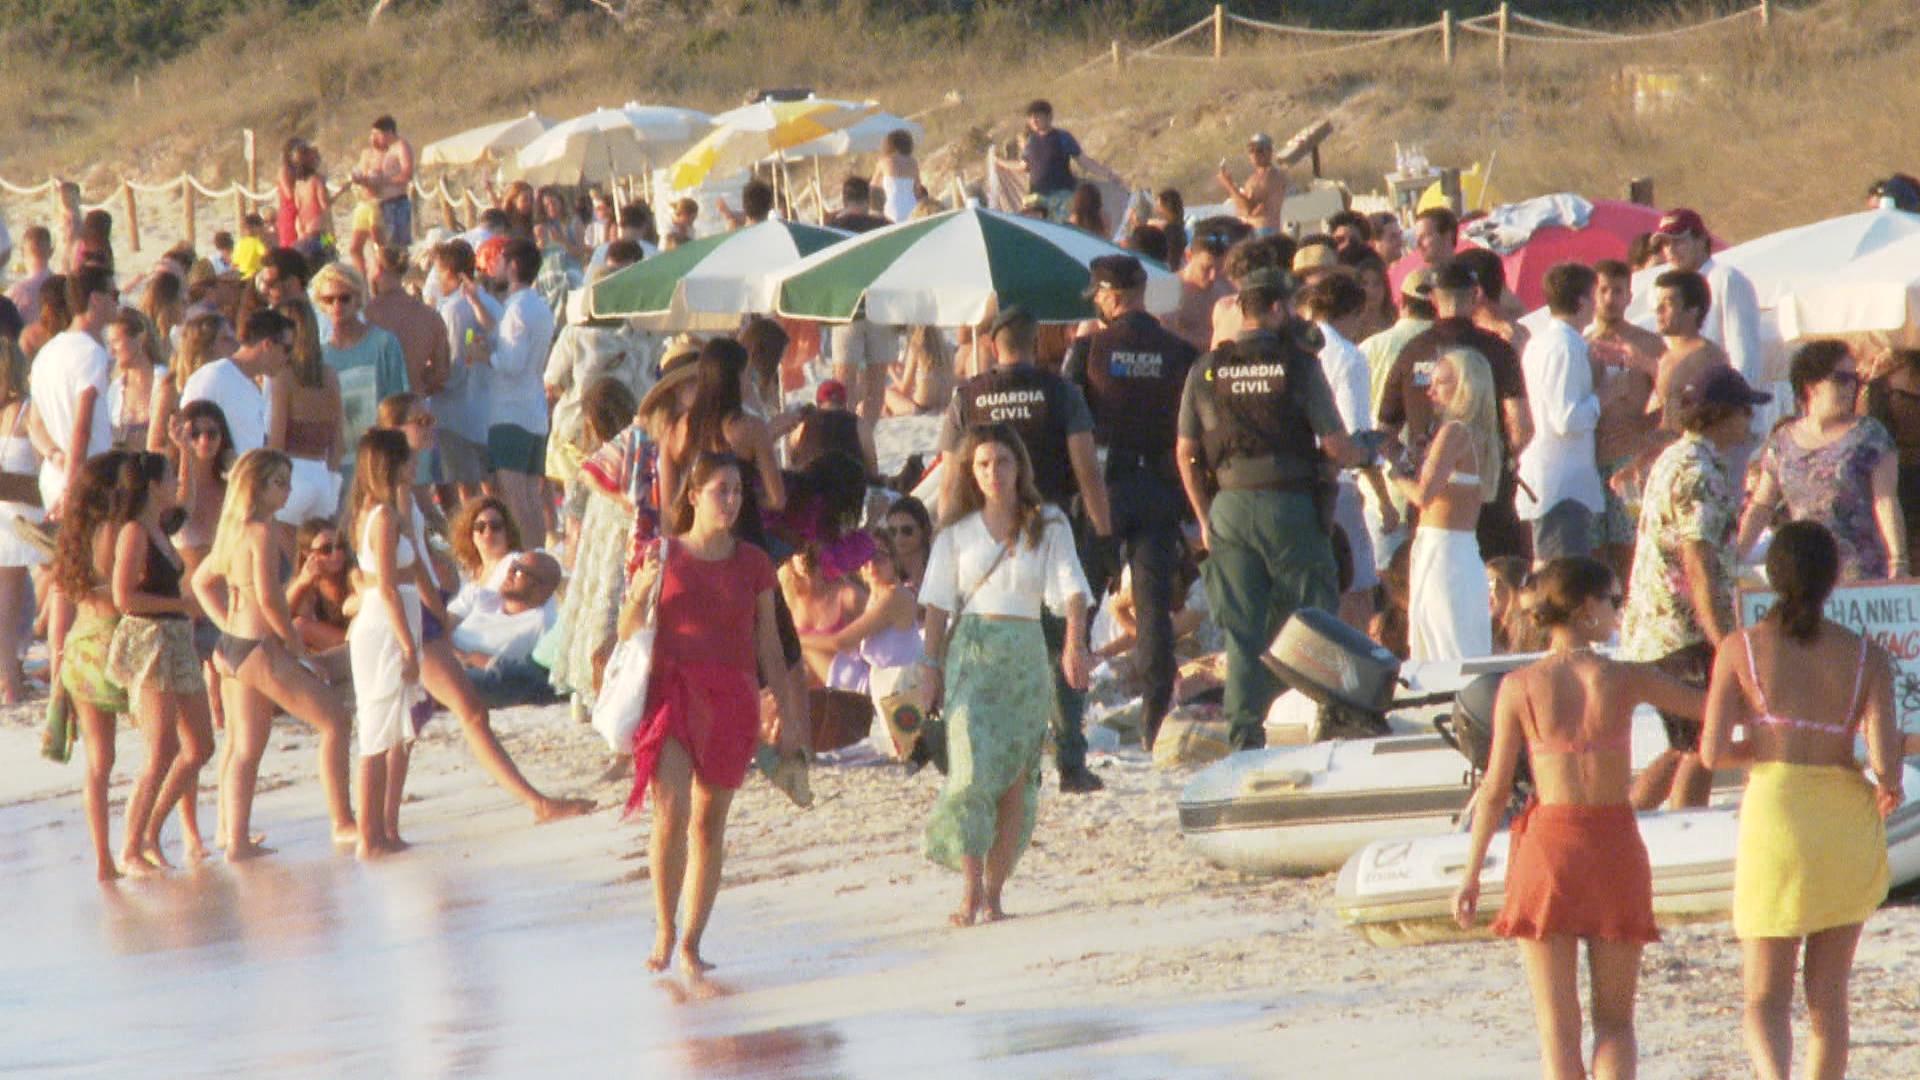 Formentera+tanca+l%26apos%3Bacc%C3%A9s+a+Illetes+per+evitar+botellades+i+aglomeracions